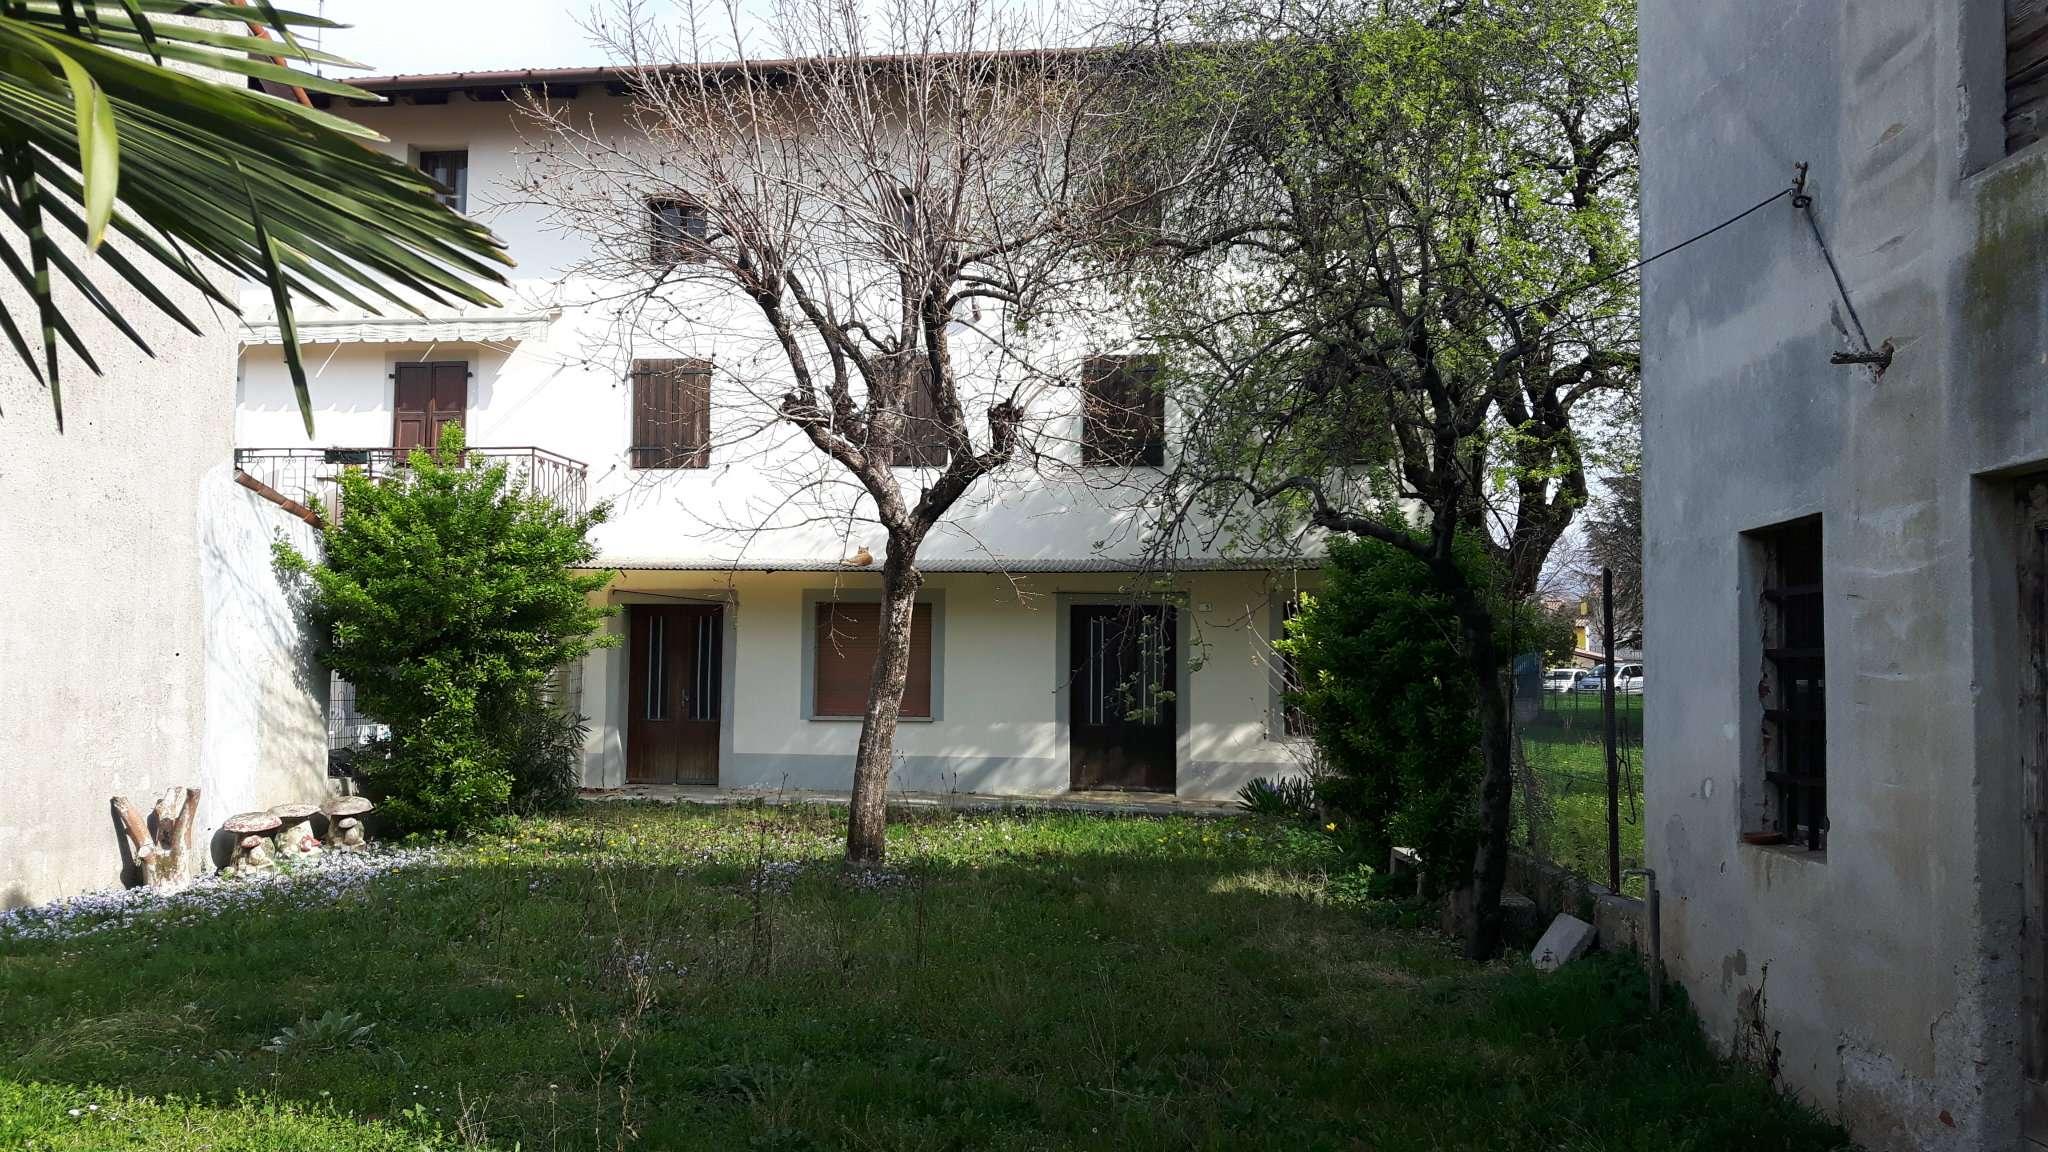 Soluzione Indipendente in vendita a Cividale del Friuli, 9999 locali, prezzo € 95.000 | CambioCasa.it